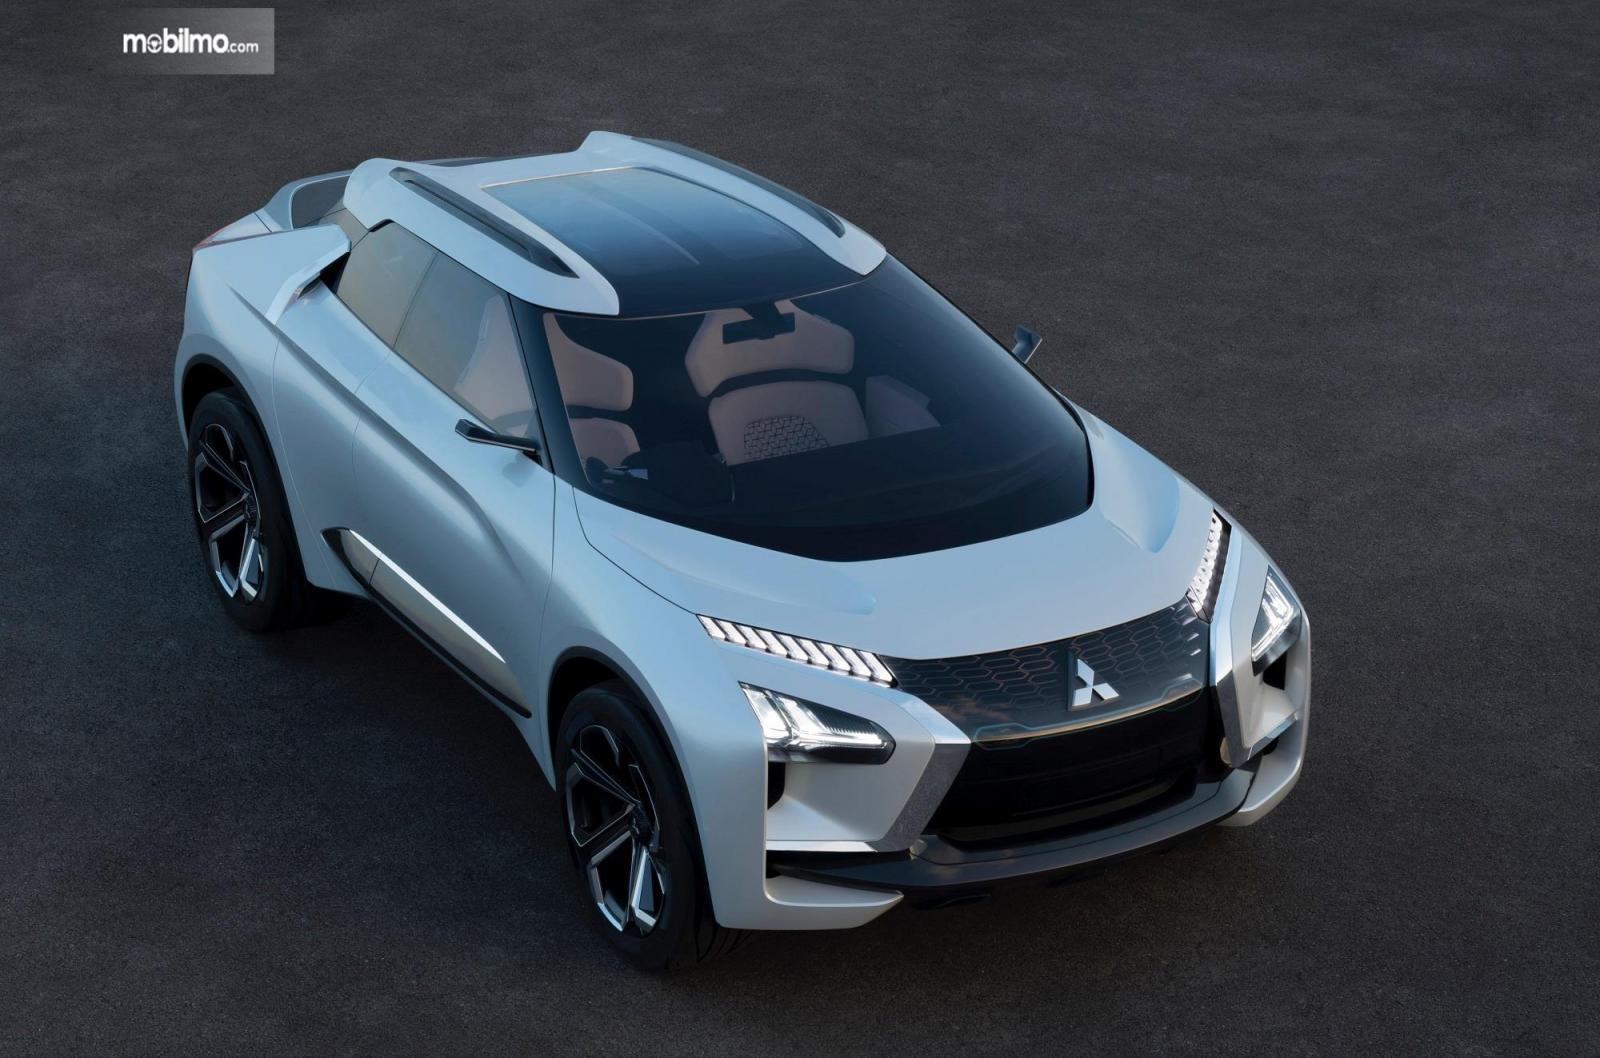 Foto menunjukkan Mitsubishi e-Evolution Concept tampak dari samping depan